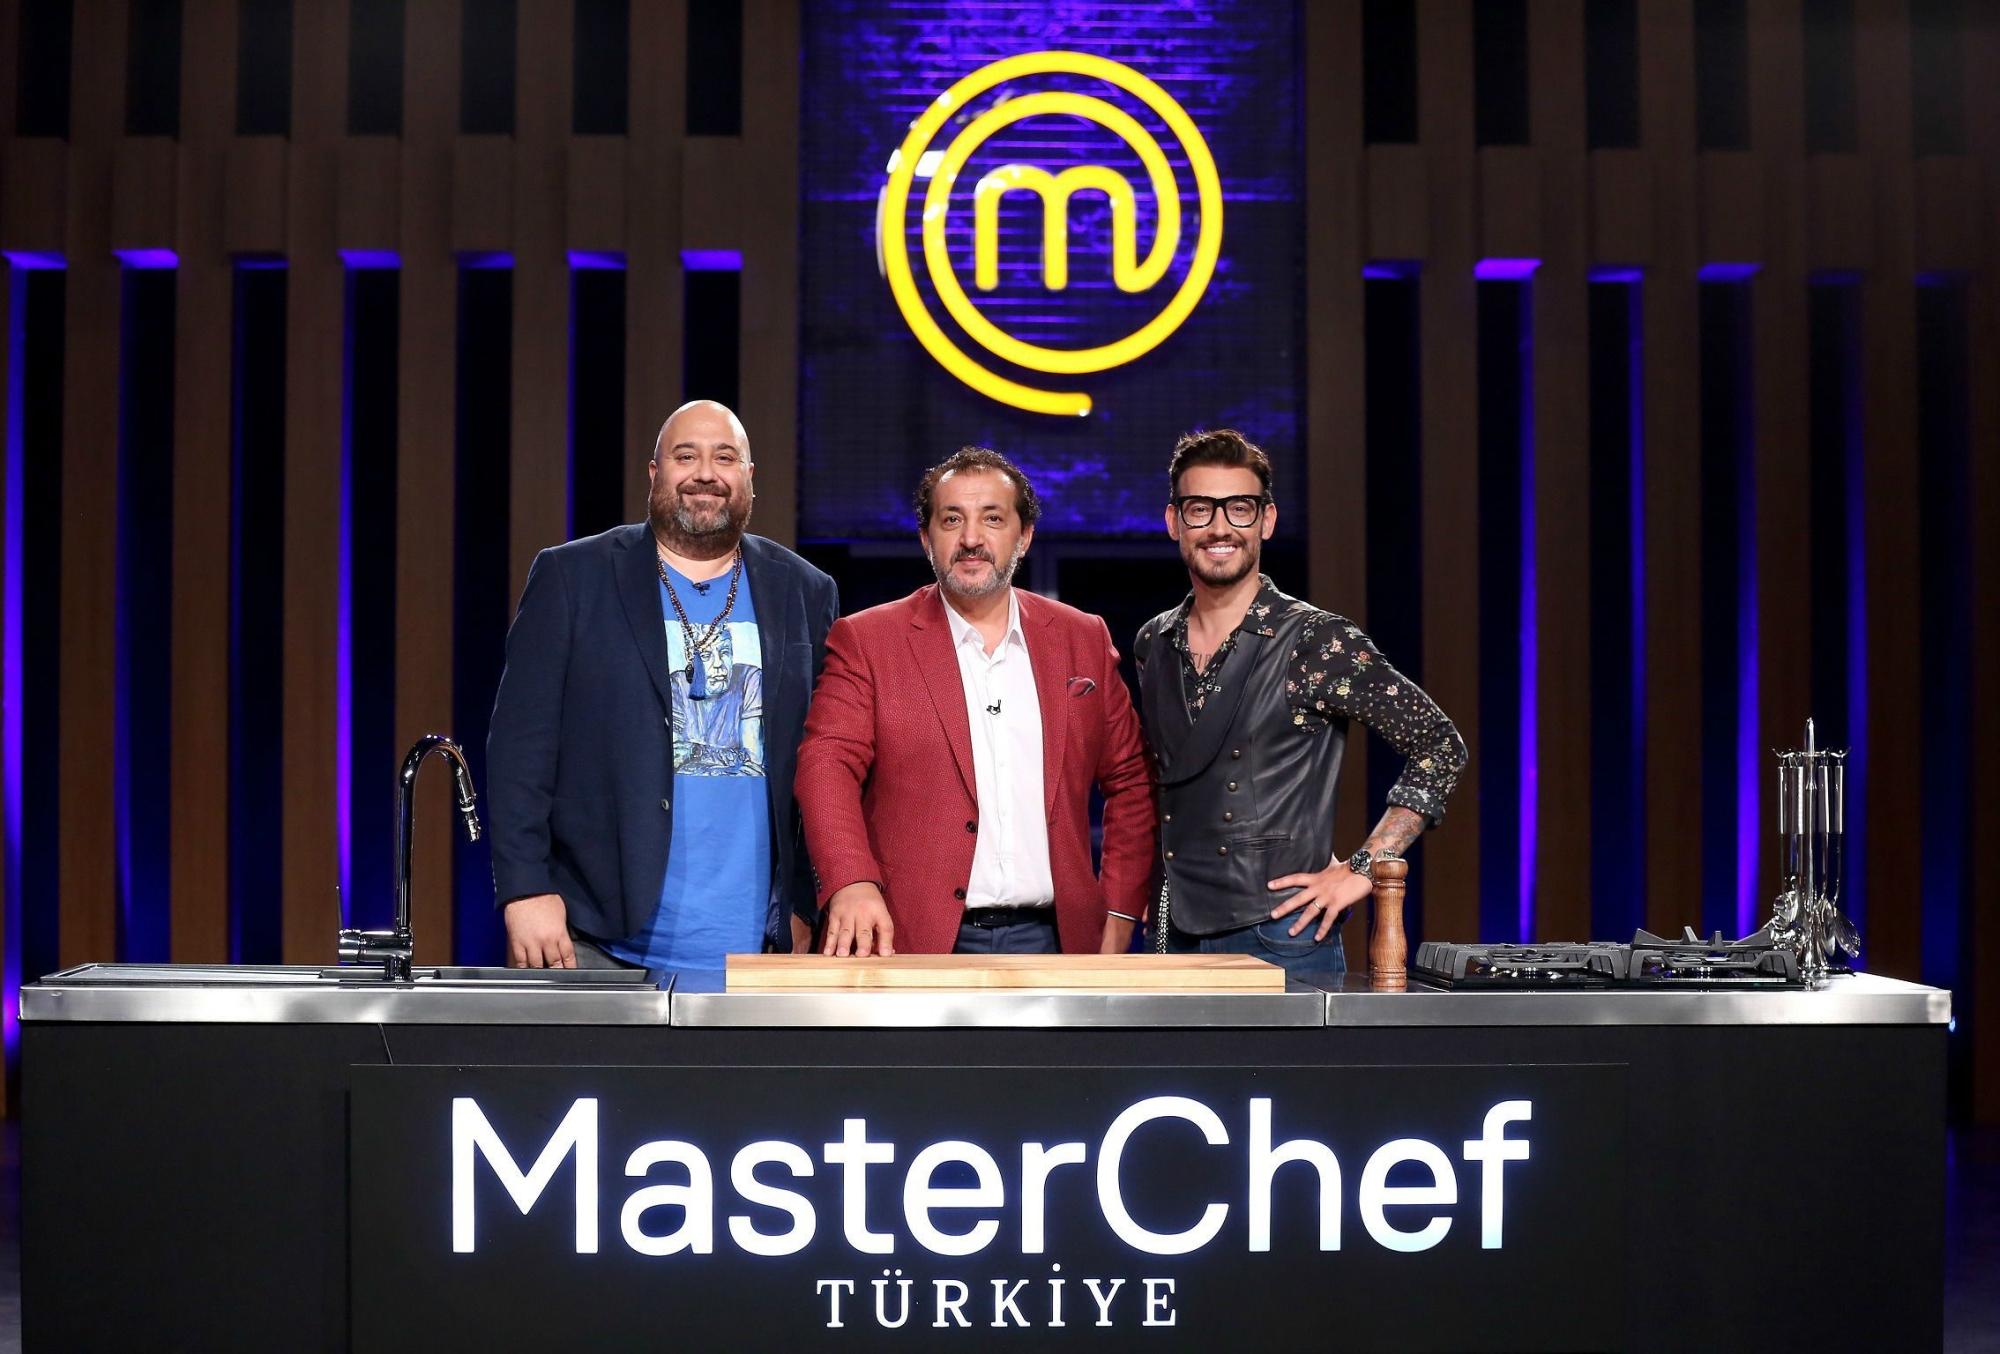 MasterChef Türkiye 128. yeni bölüm izle! İlk finalist kim olacak? 24 Aralık 2020 TV8 canlı yayın akışı